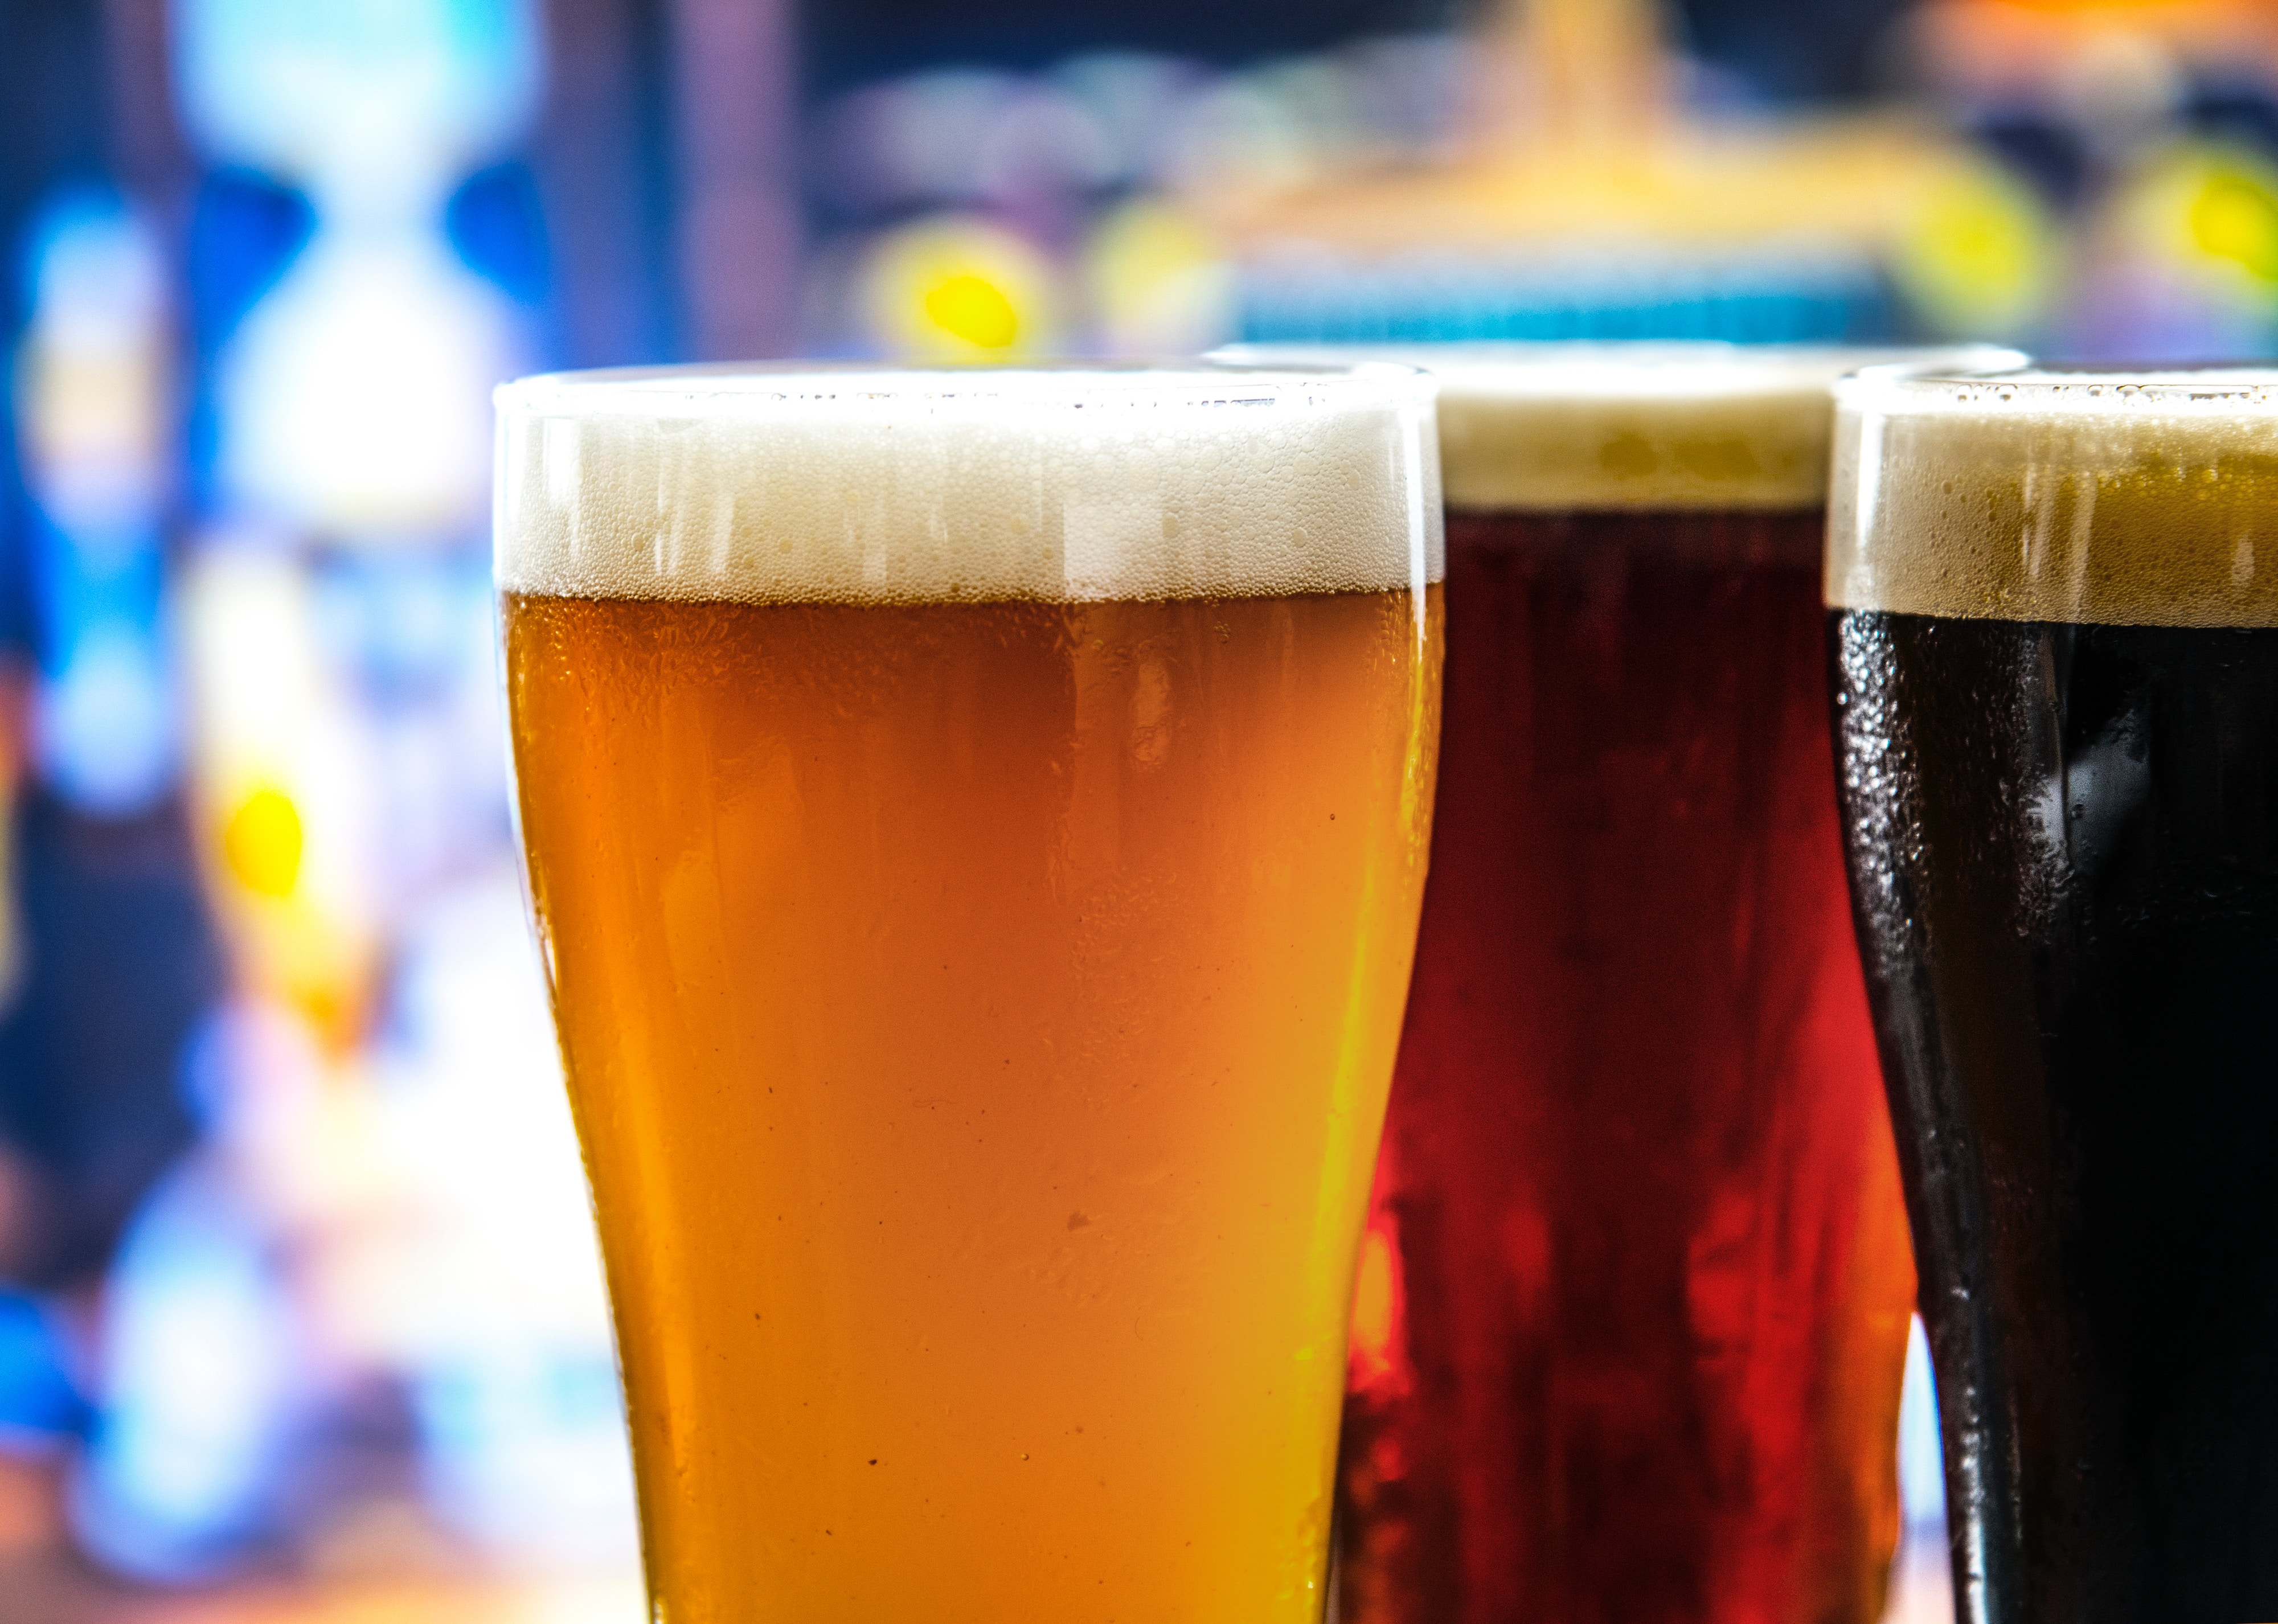 Jaskyňa v Izraeli ponúkla výrobu piva.